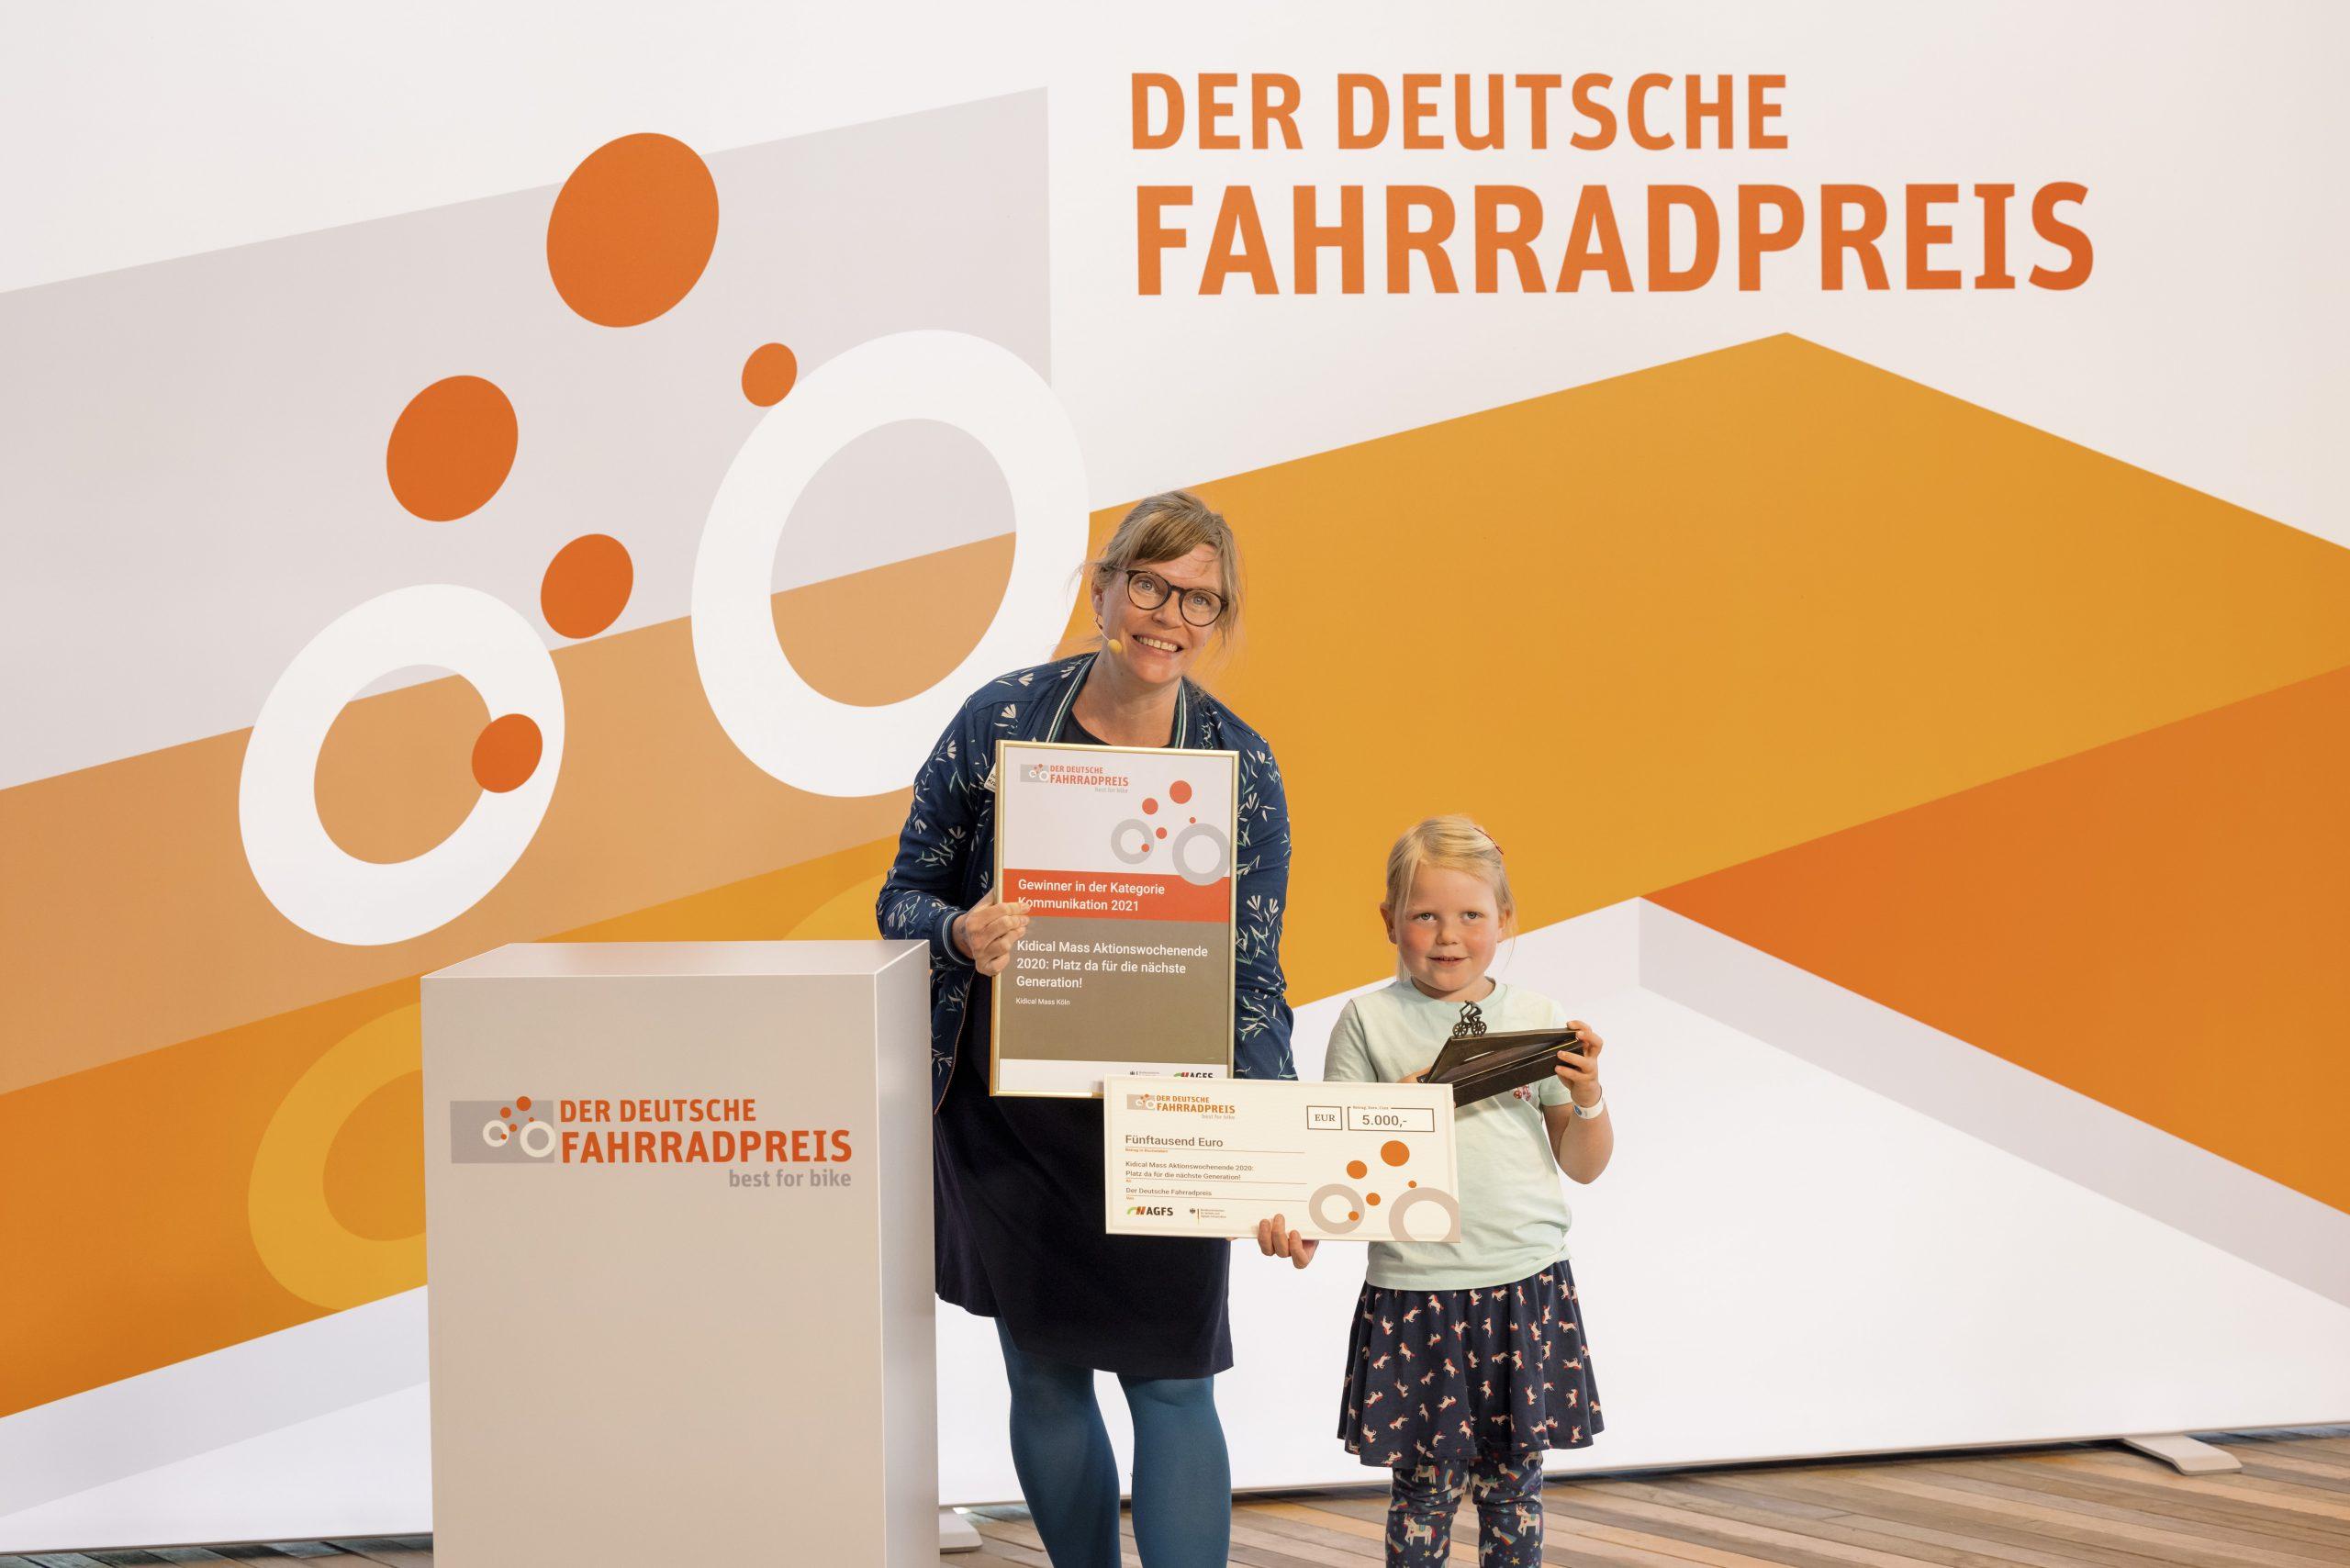 Simone Kraus nimmt mit Ihrer Tochter den 1. Preis für die Kidical Mass entgegen.